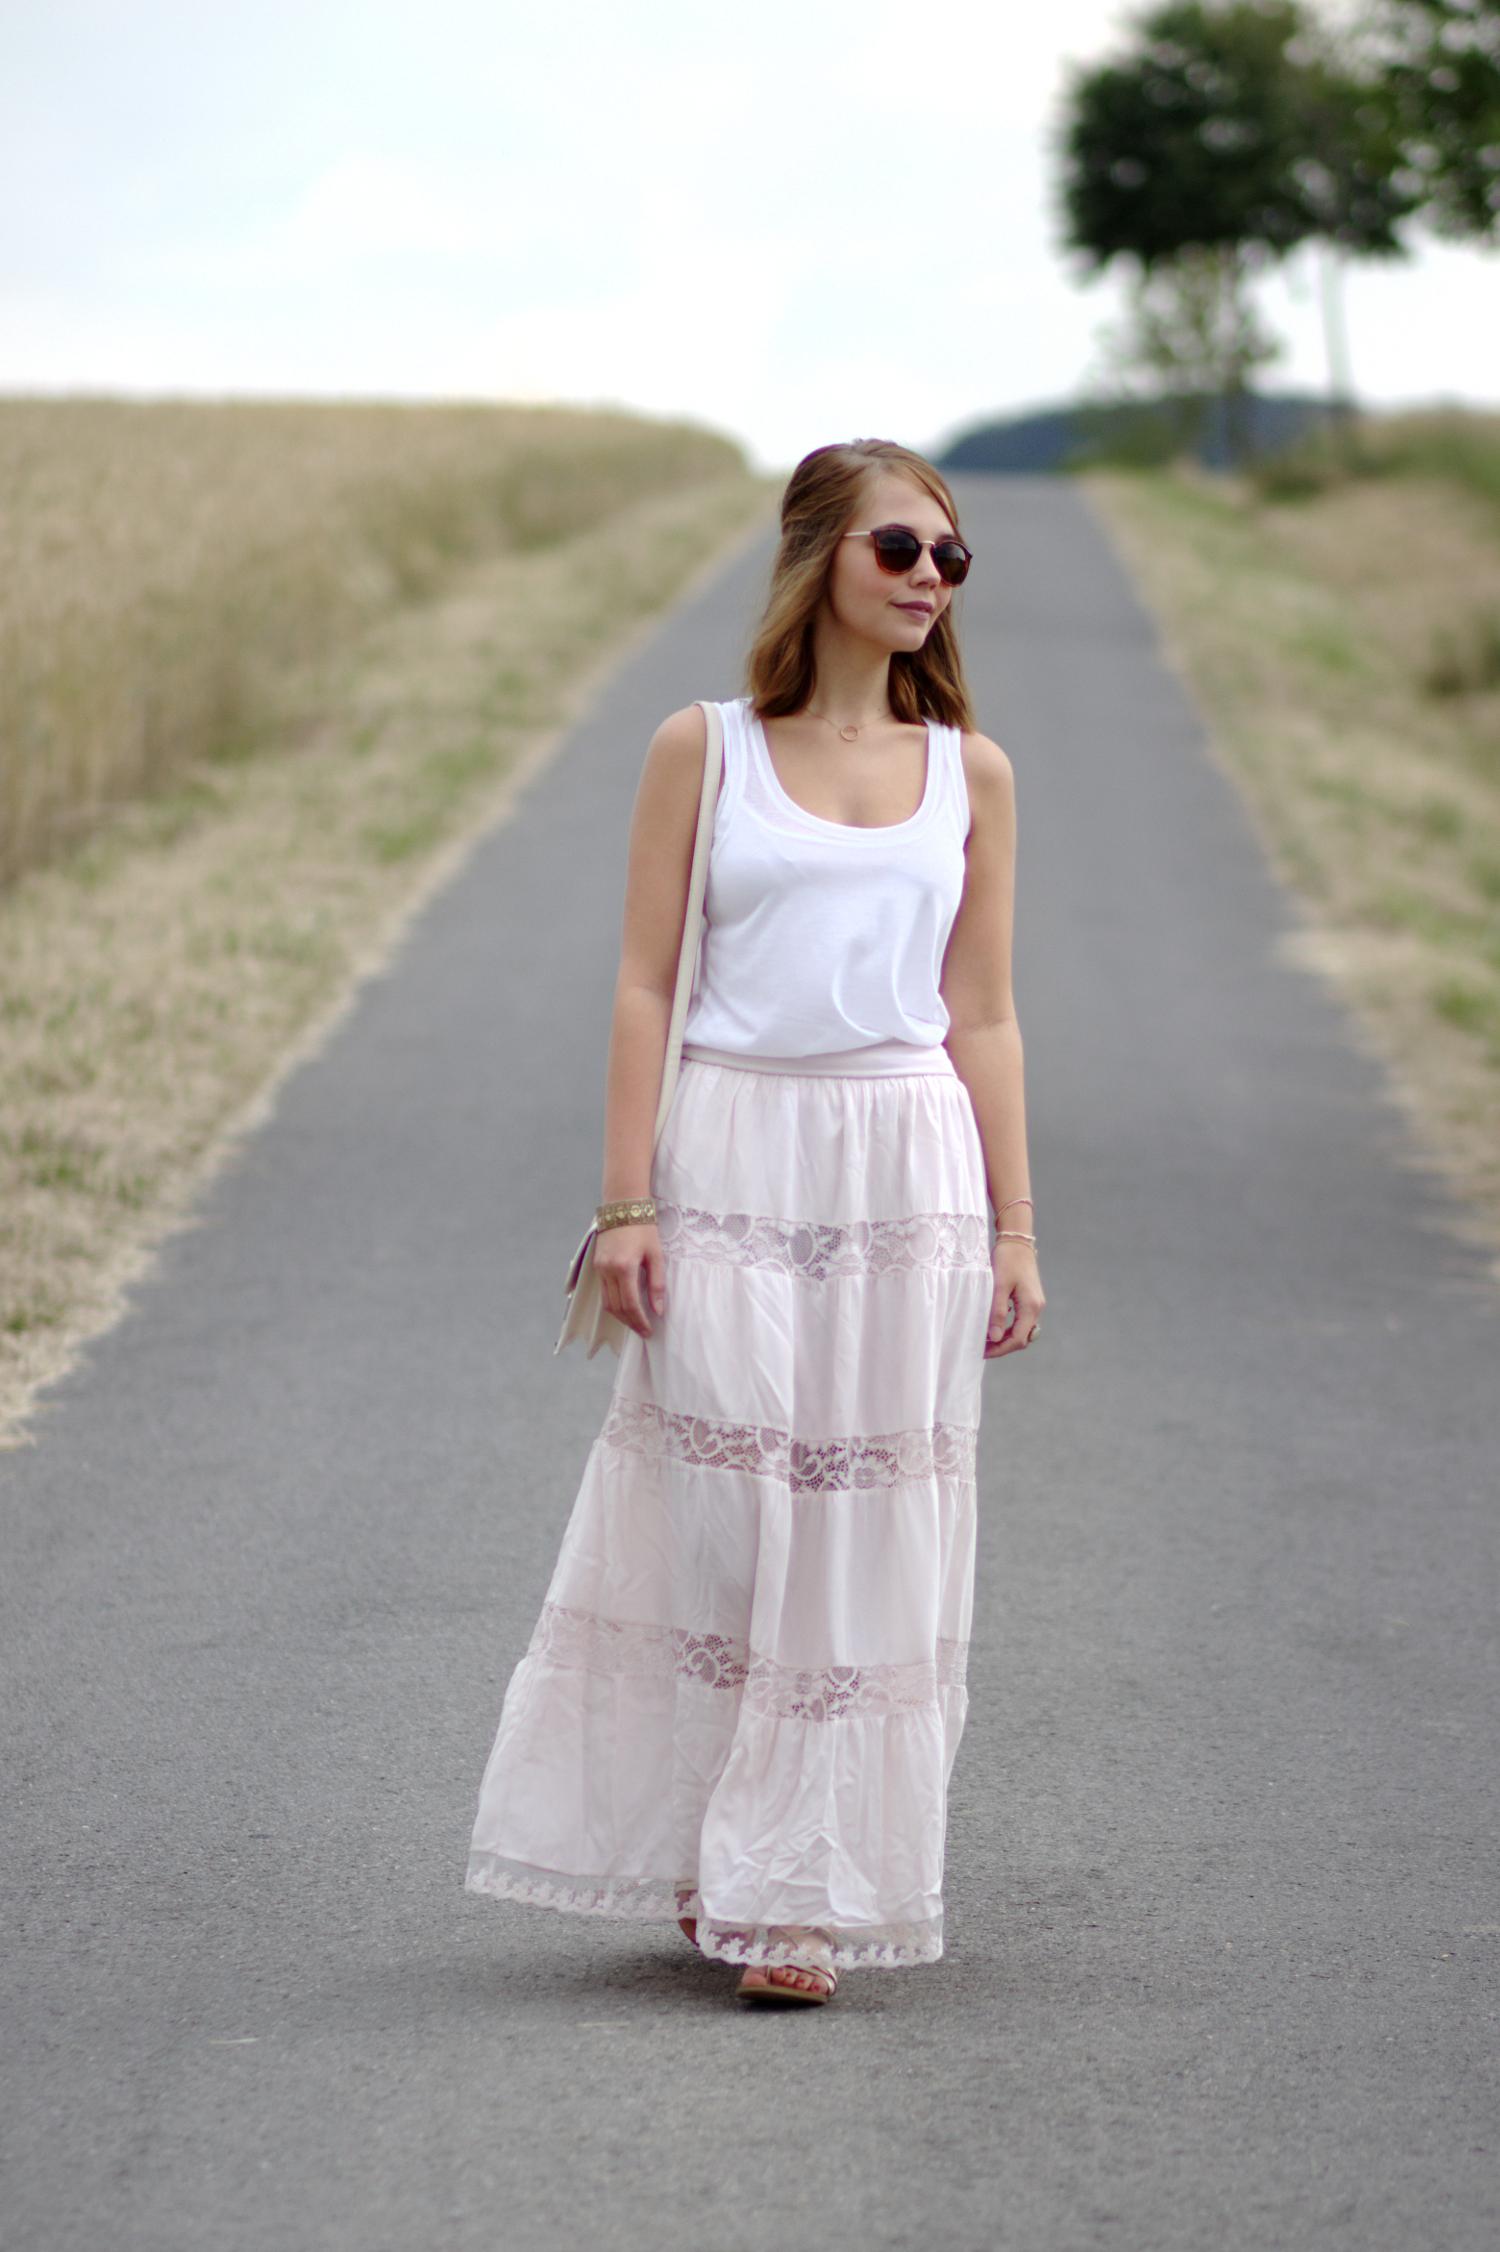 Bezaubernde Nana, bezauberndenana.de, Fashionblog, Outfit, rosa Maxirock mit Spitze, Layering Look, weißes Top, goldene Sandalen, Sommeroutfit, Kornfeld